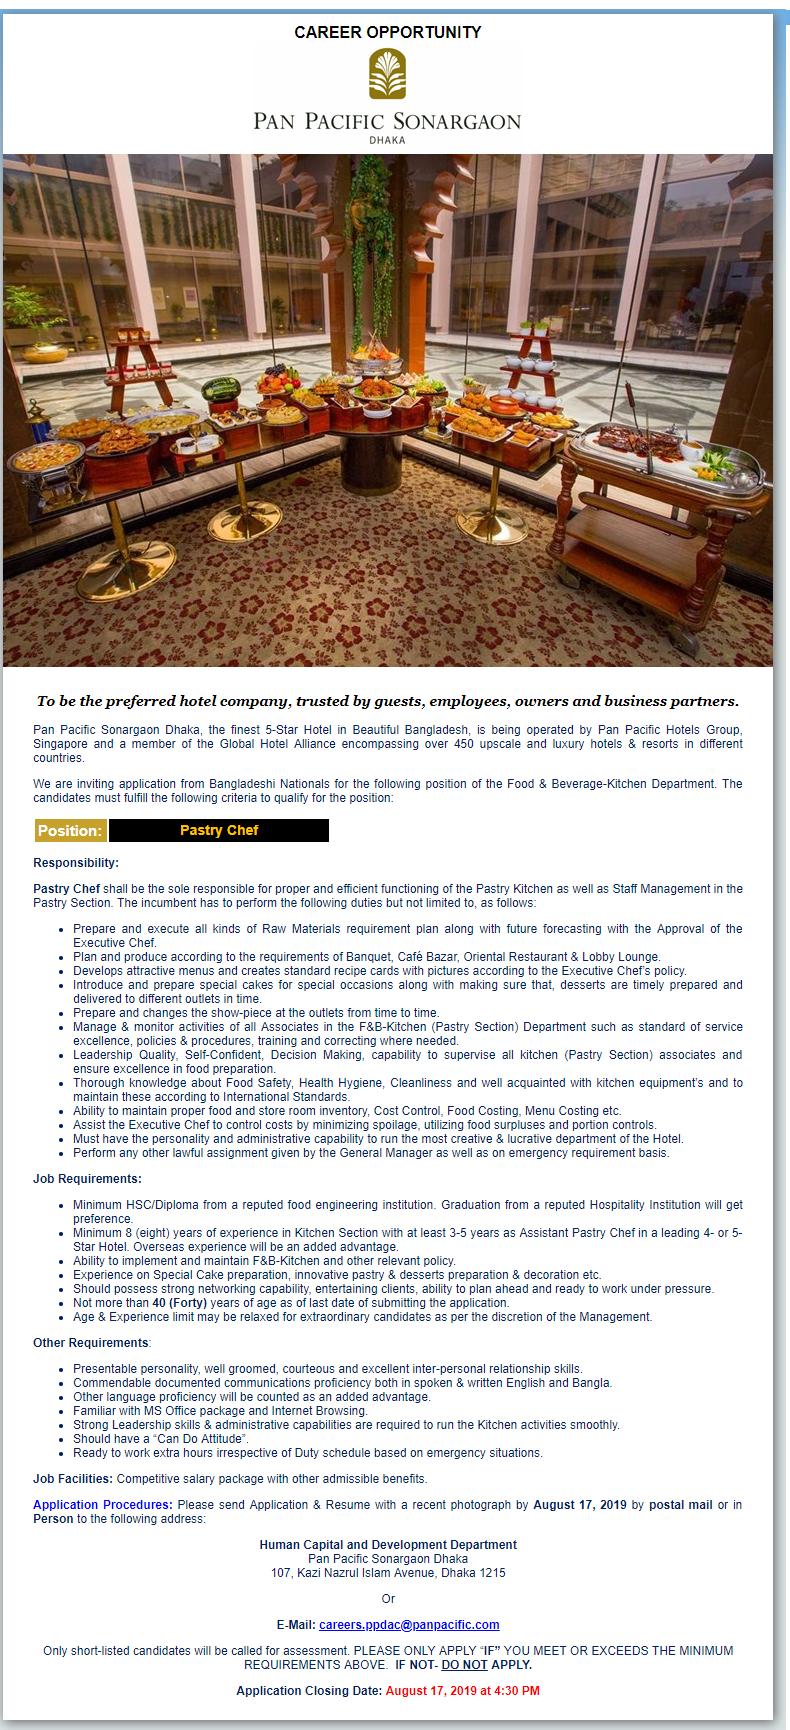 Pan Pacific Sonargaon Hotels and Resorts Job Circular 2019